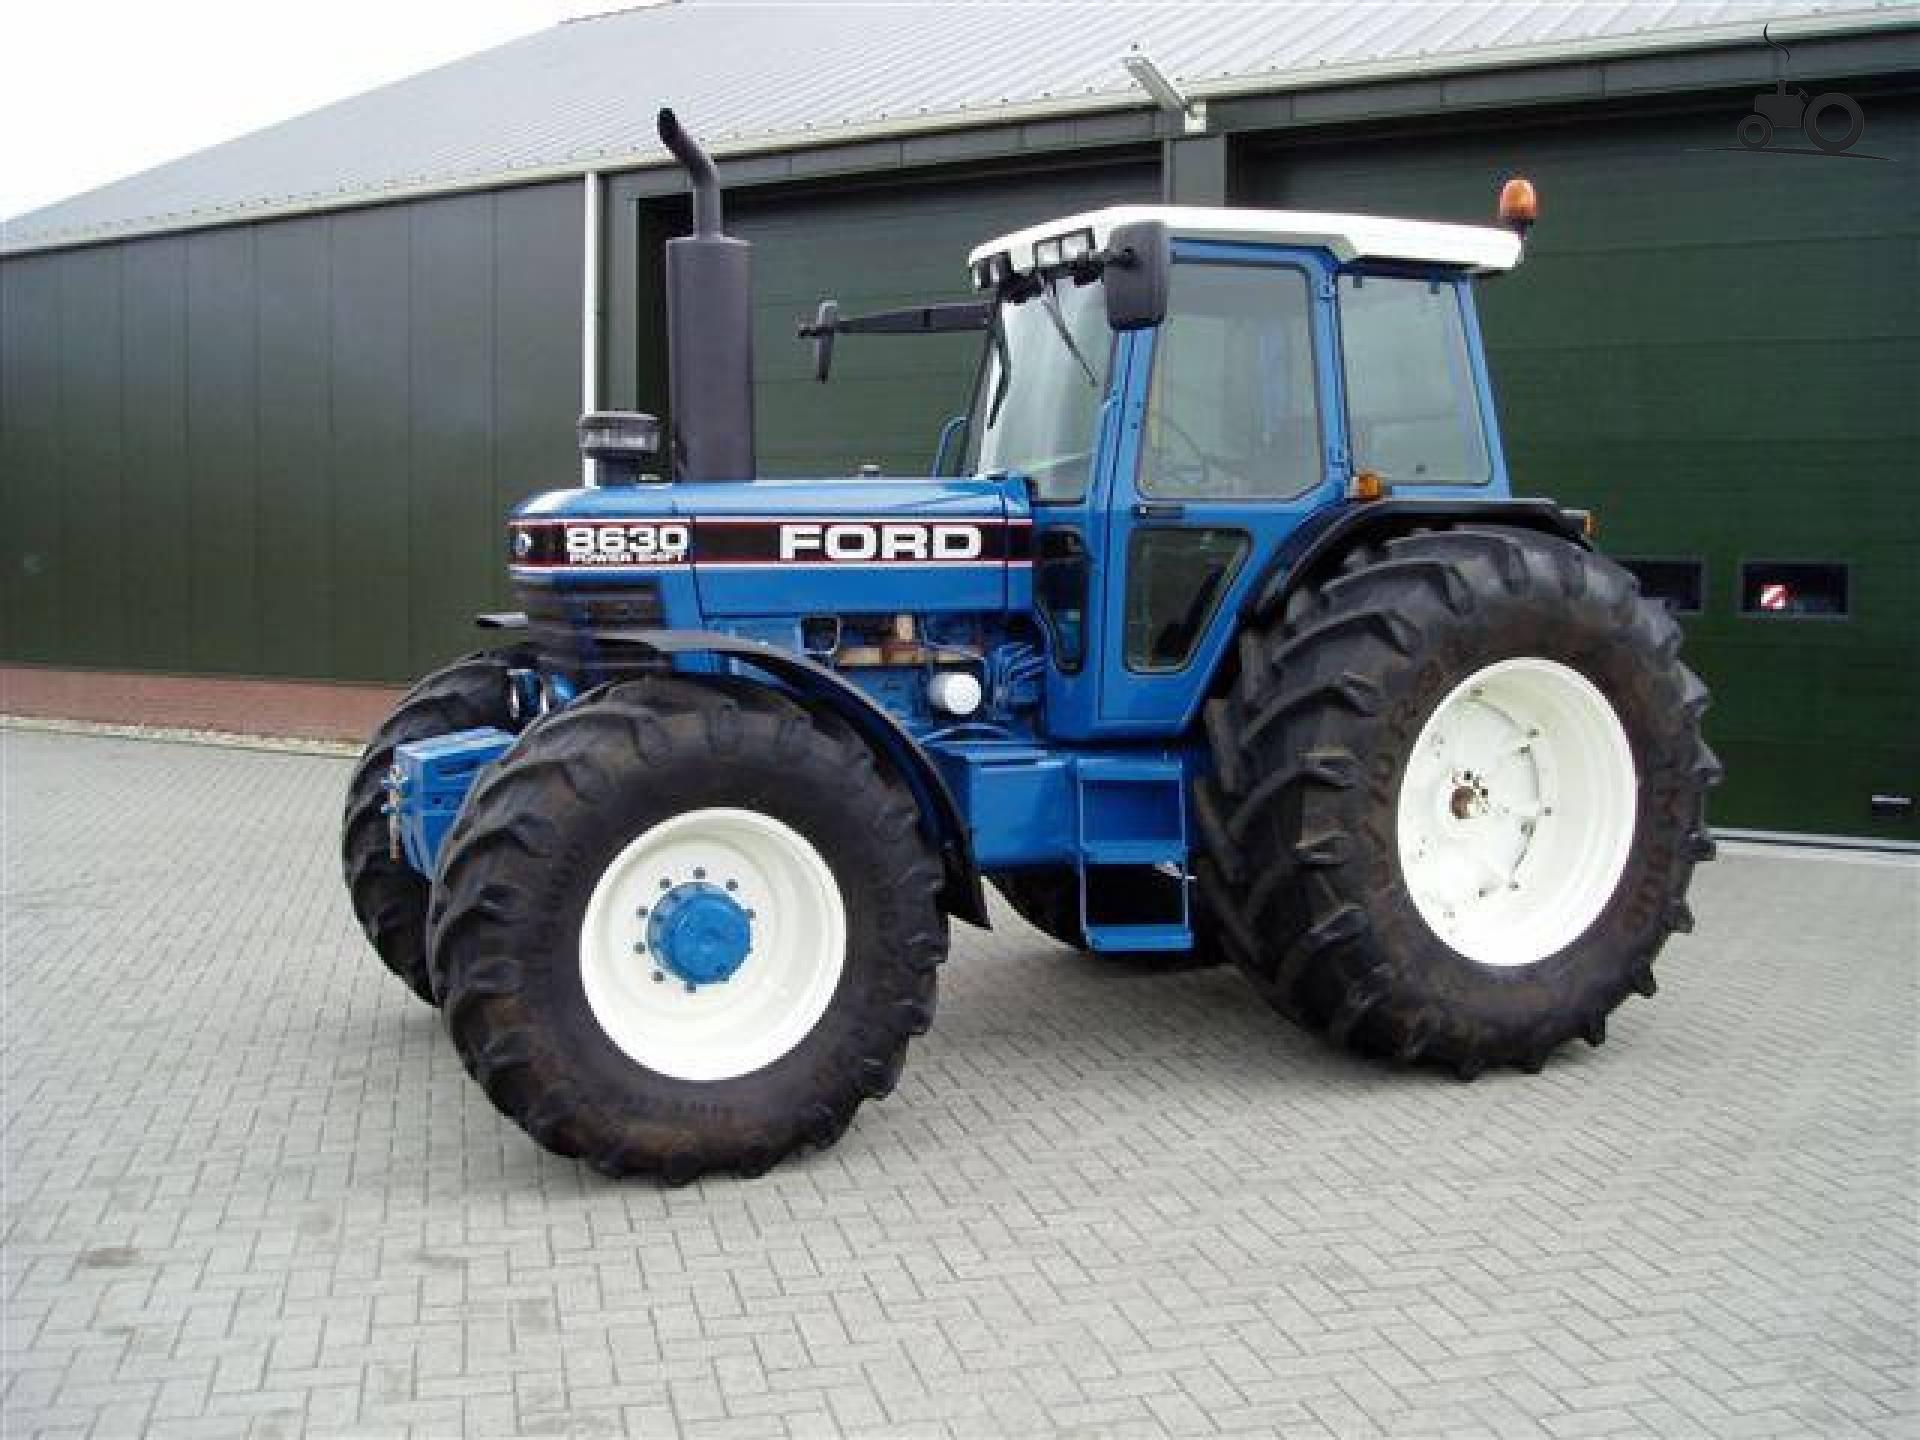 Купить трактор Ford 8630, год 1992, 9100 часов, по цене 1 ...